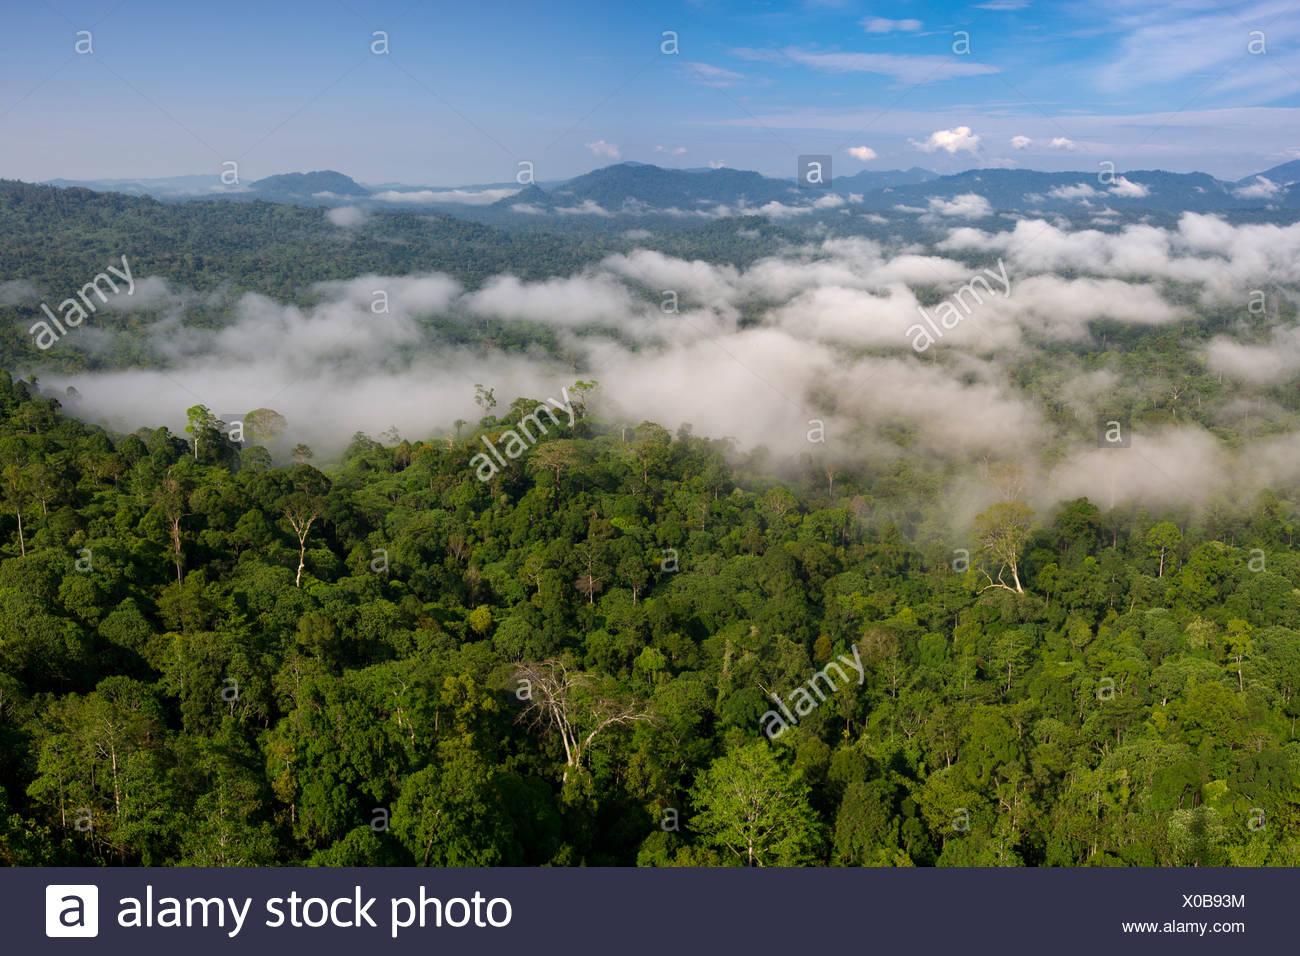 Niedrige Wolken hängen über Dipterocarp Tieflandregenwald. Danum Valley, Sabah, Borneo. Stockbild